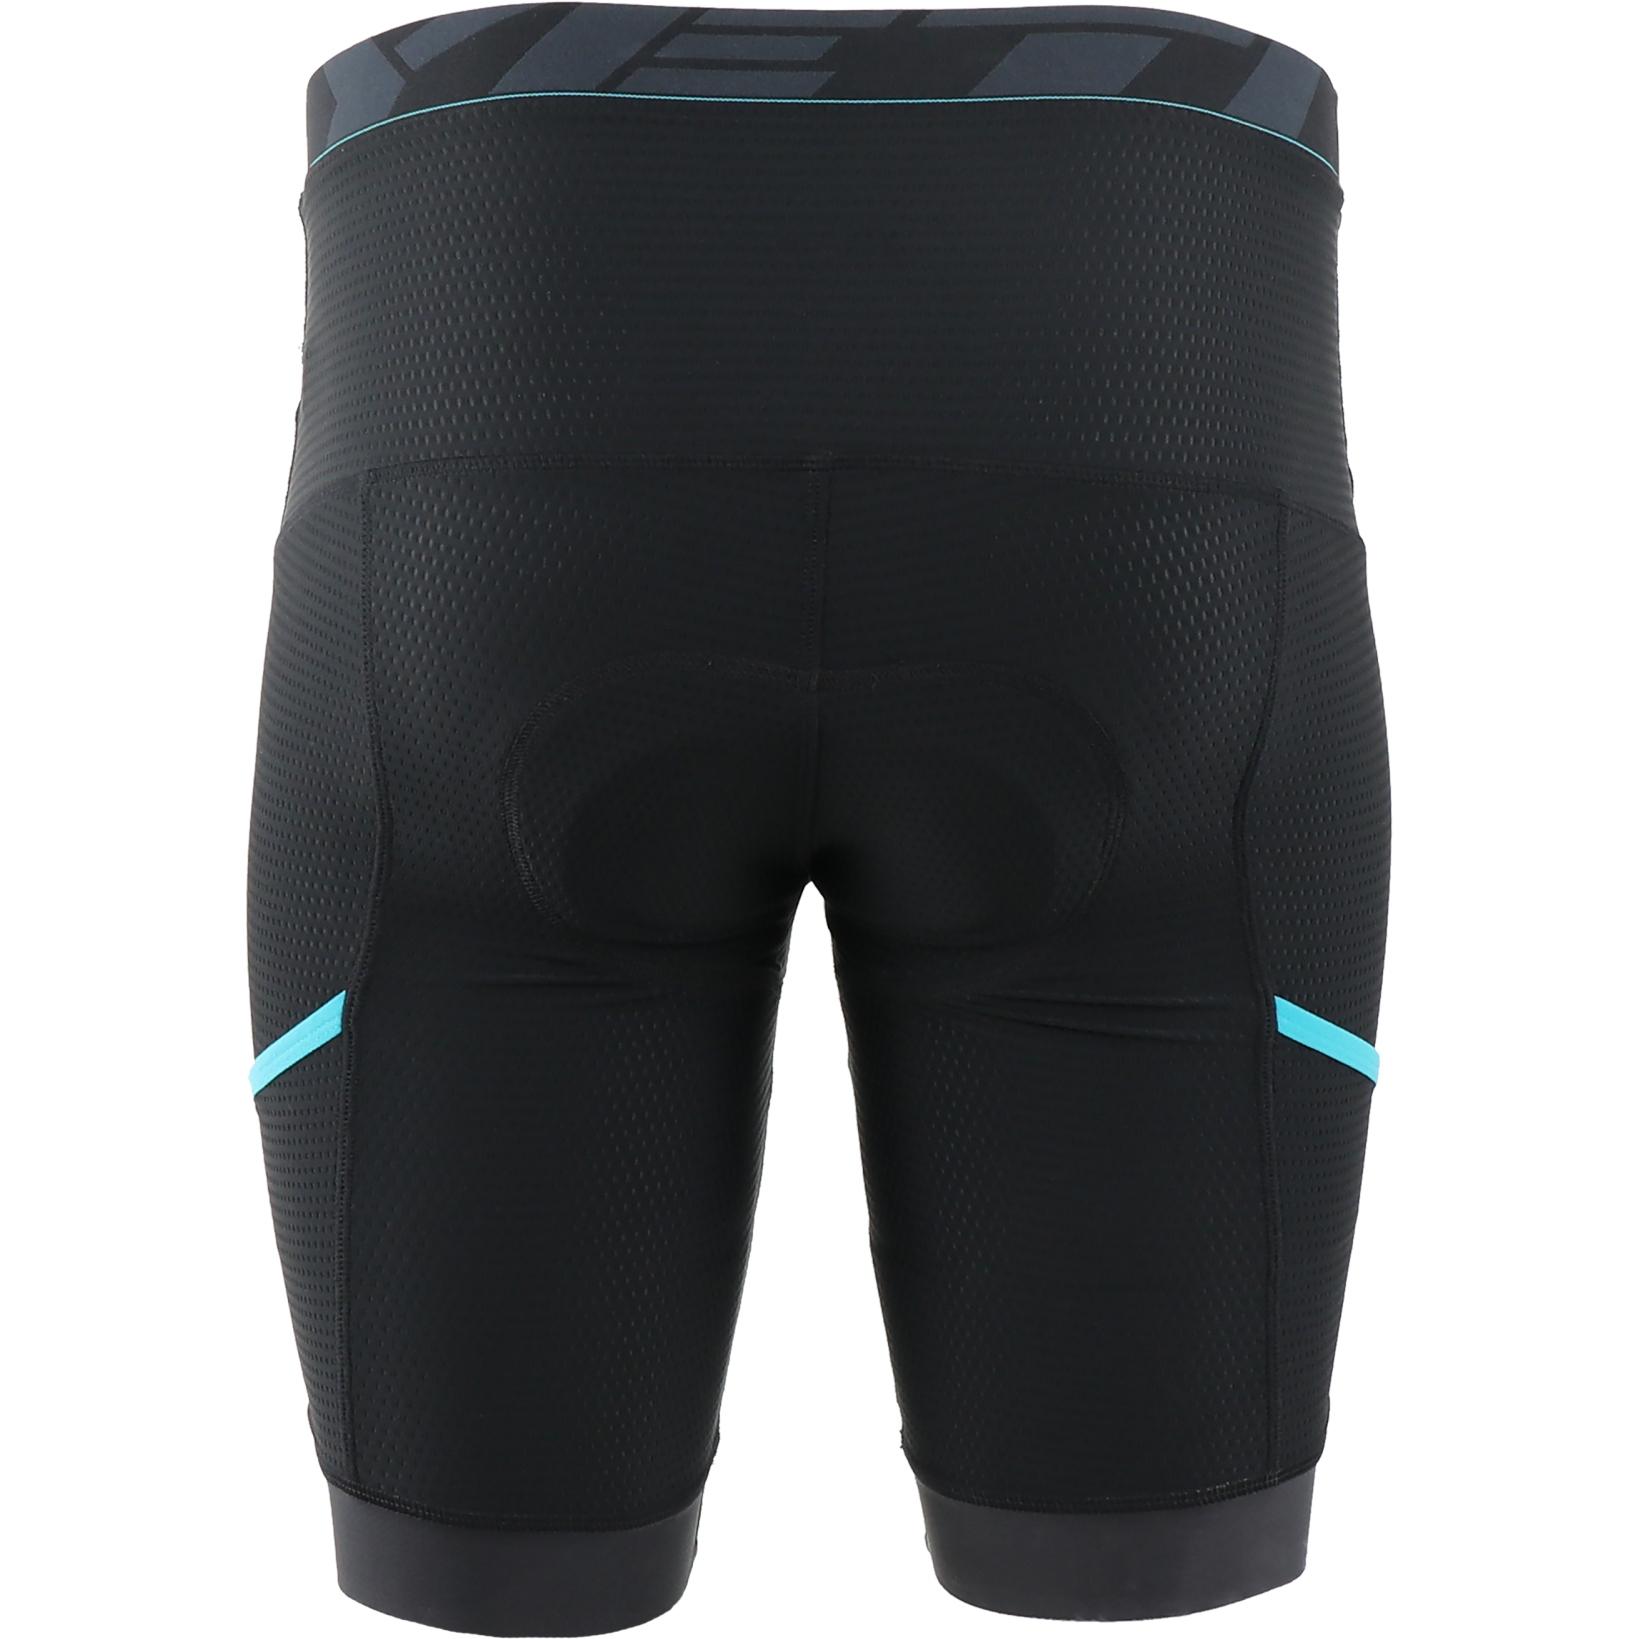 Bild von Yeti Cycles Rampart Liner Innenhose - Black